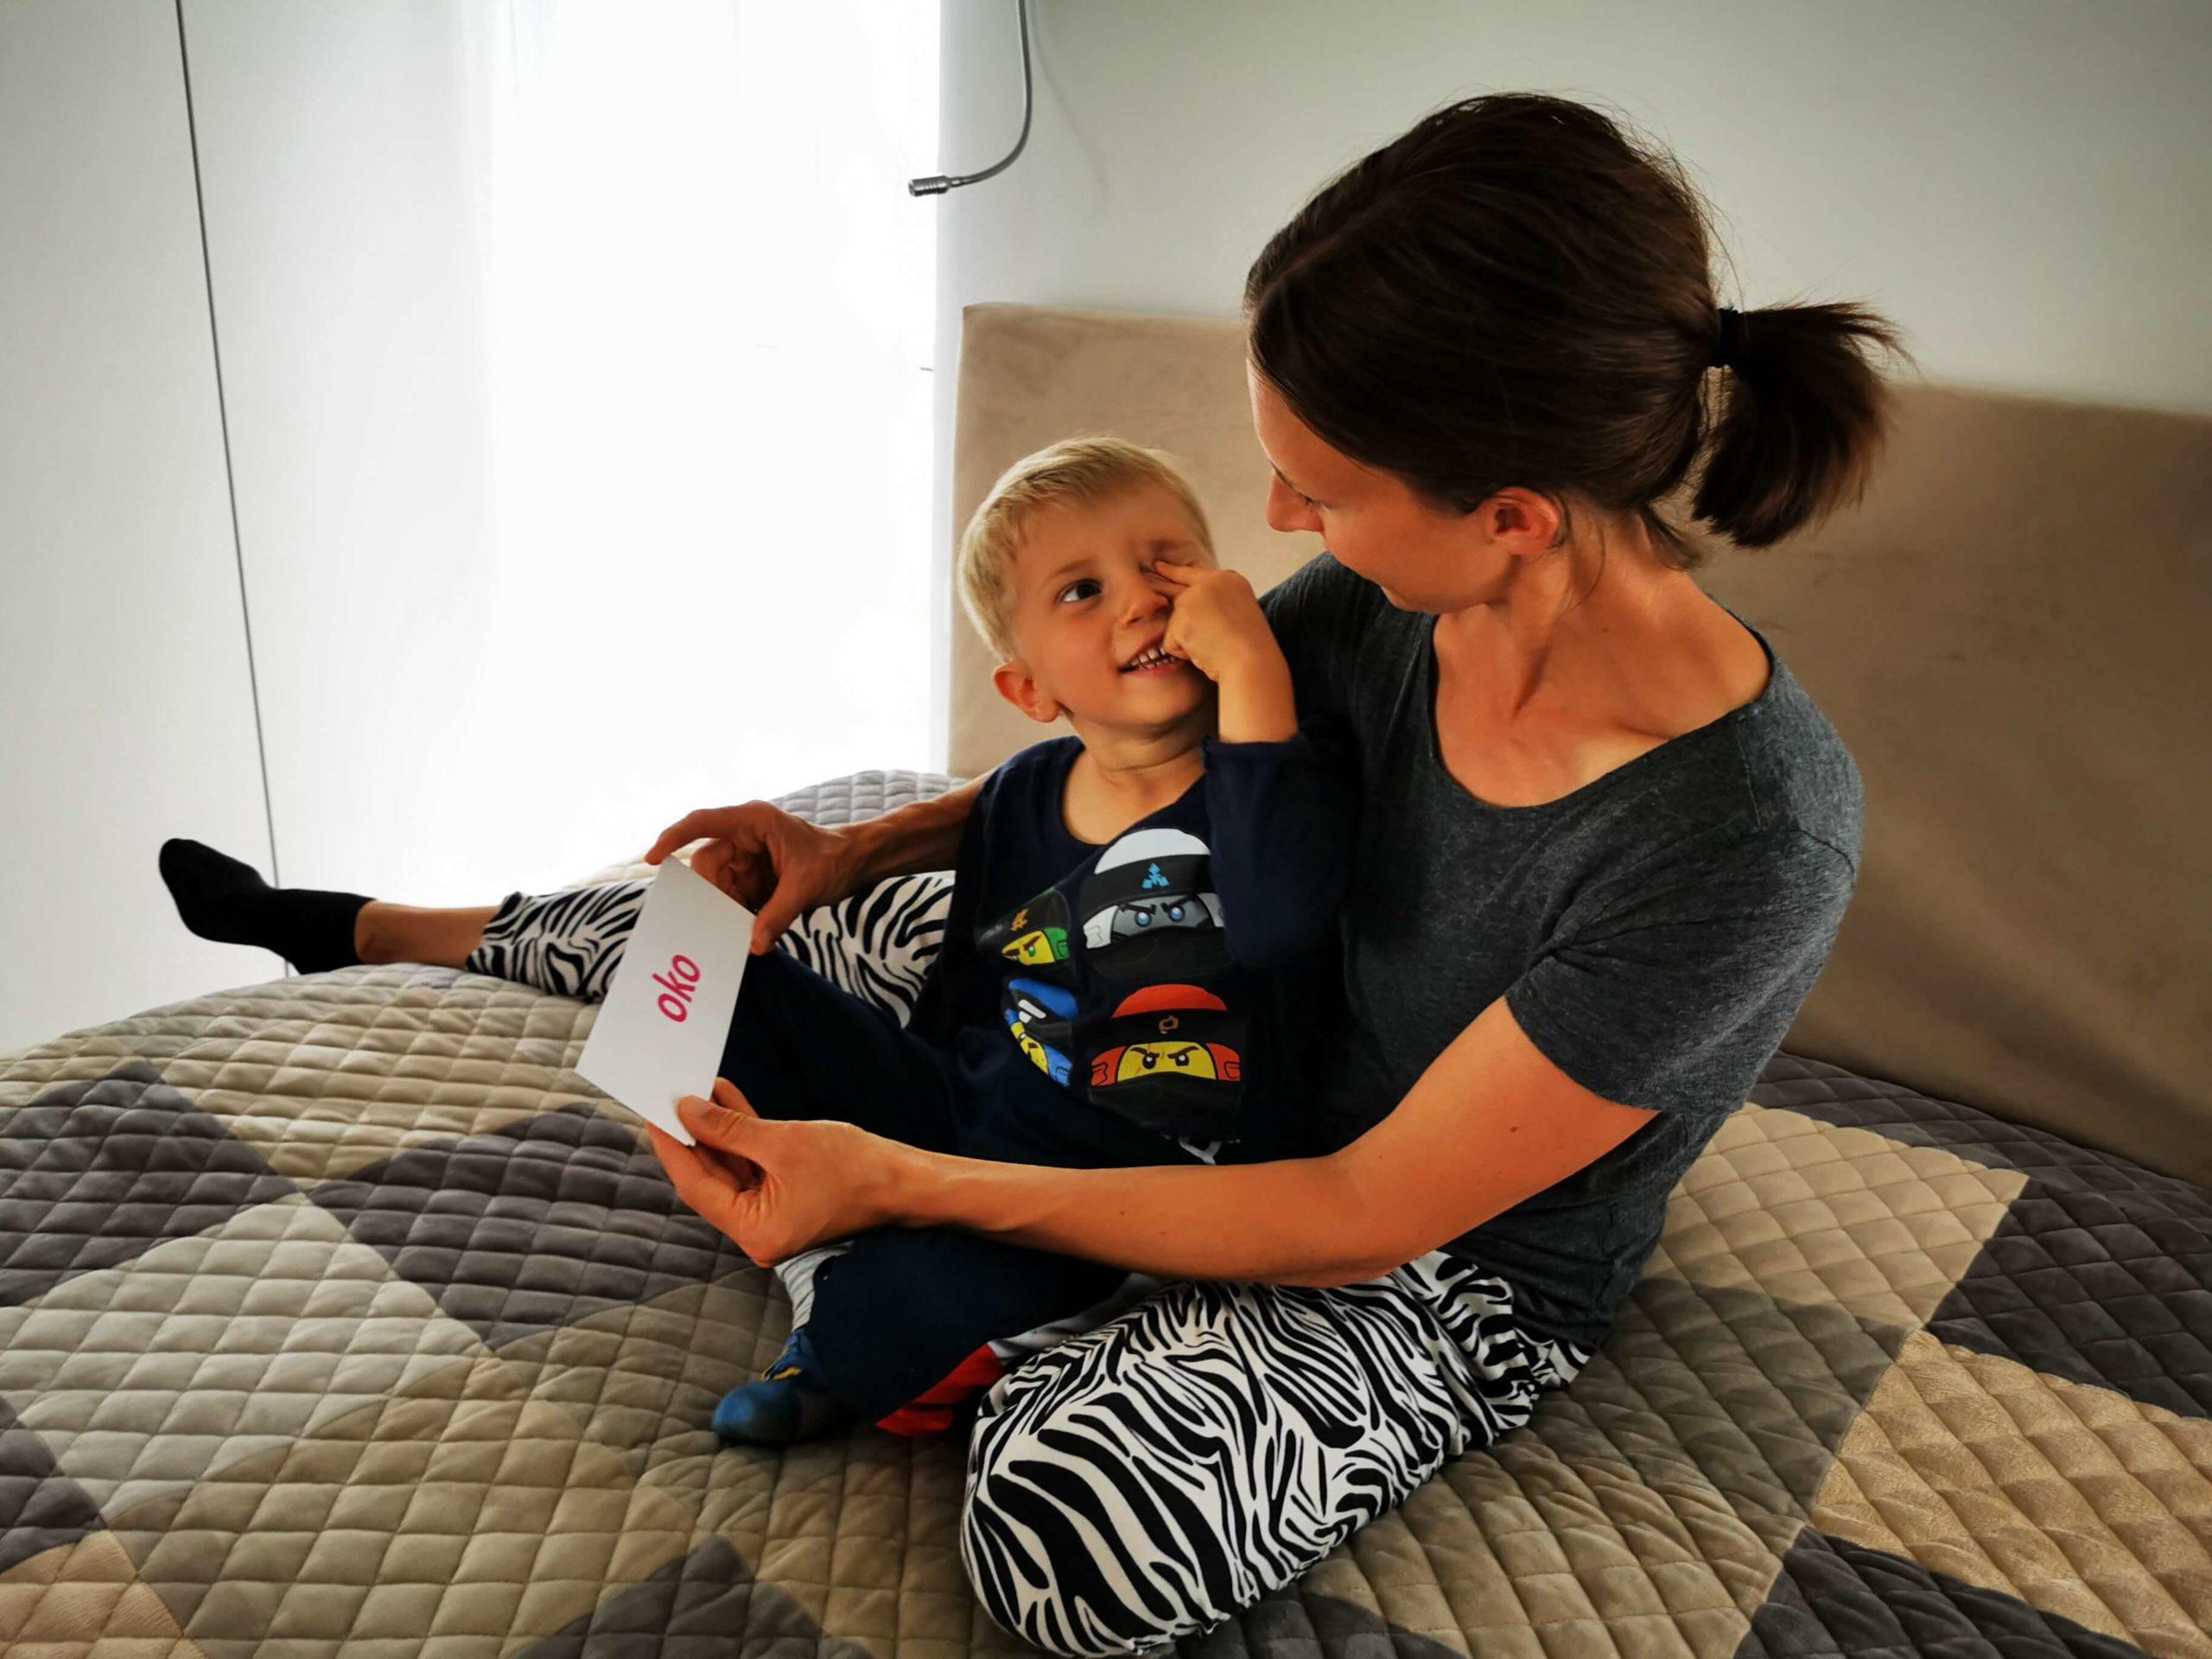 Jak Nauczyć Dziecko Czytać Czytanie Globalne Karty Sylaby Litery Edukacja domowa